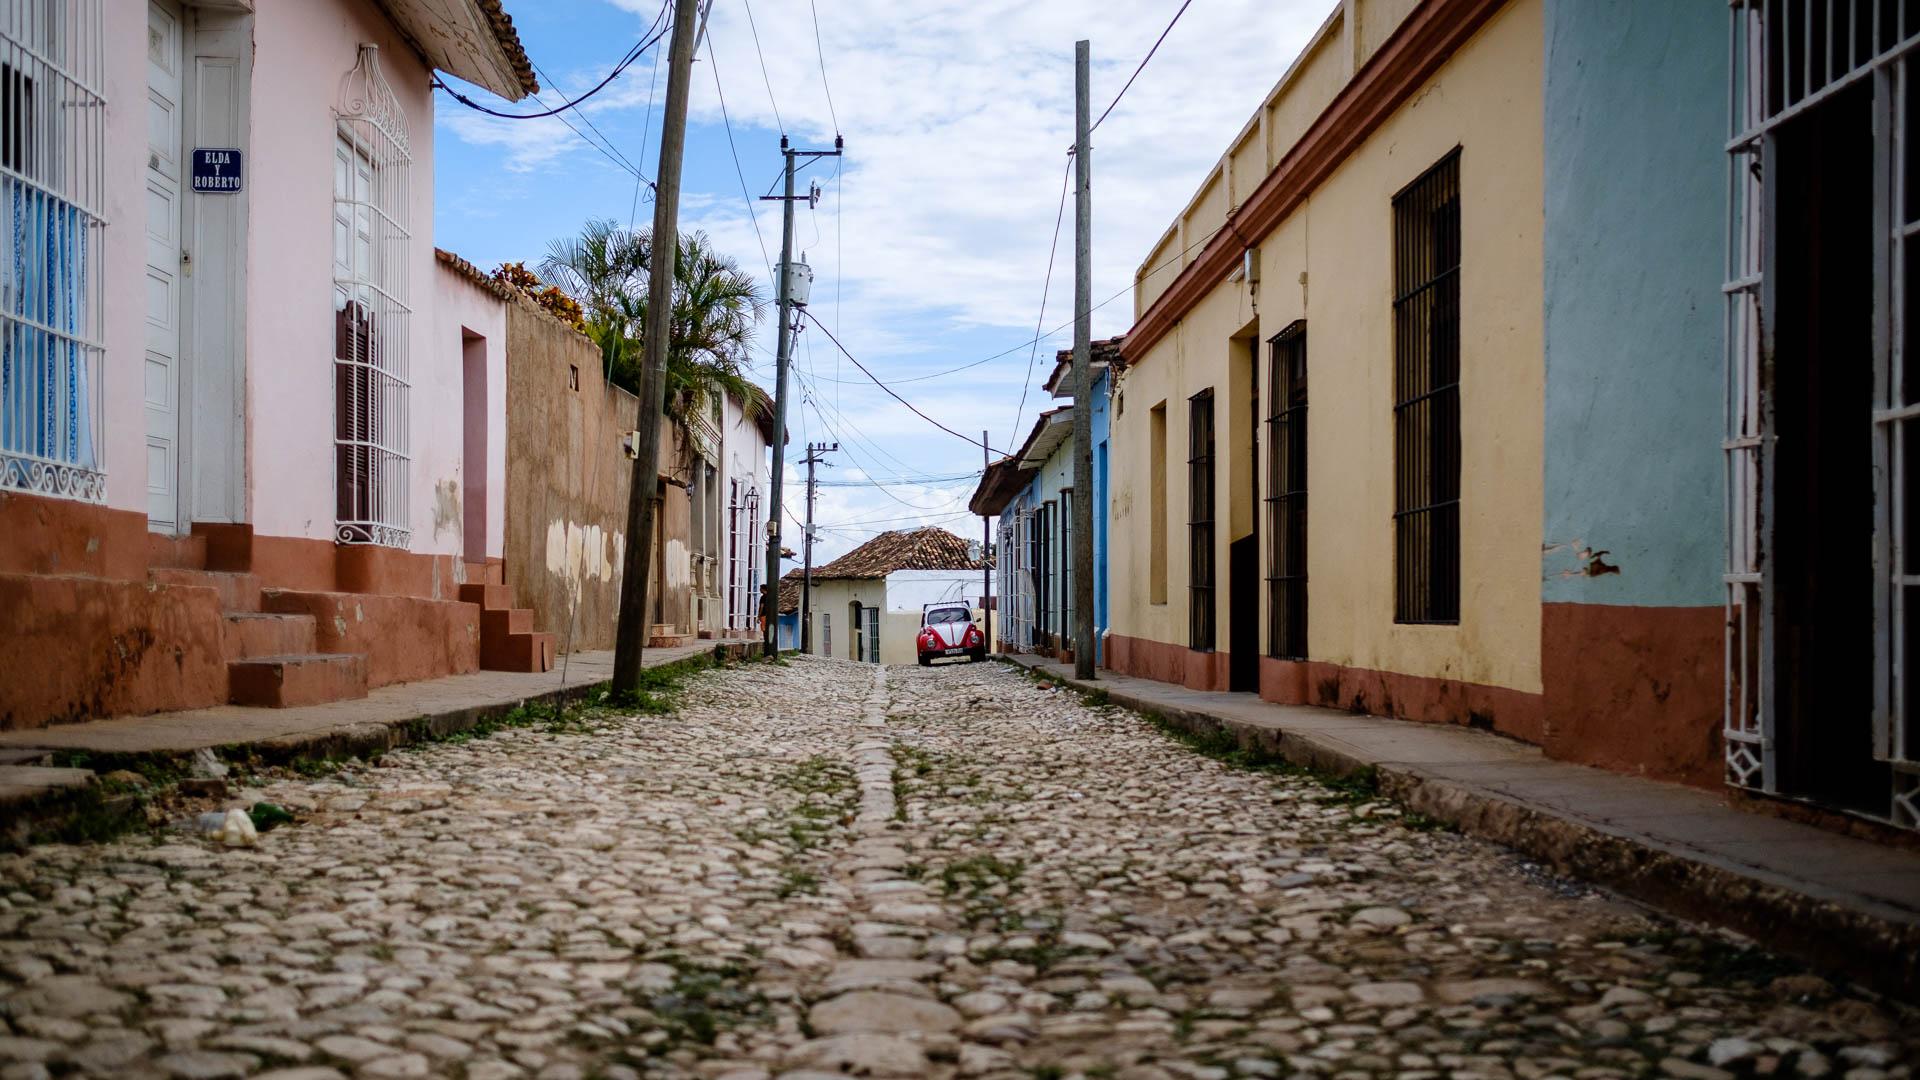 180428-Trinidad-118-1080.jpg